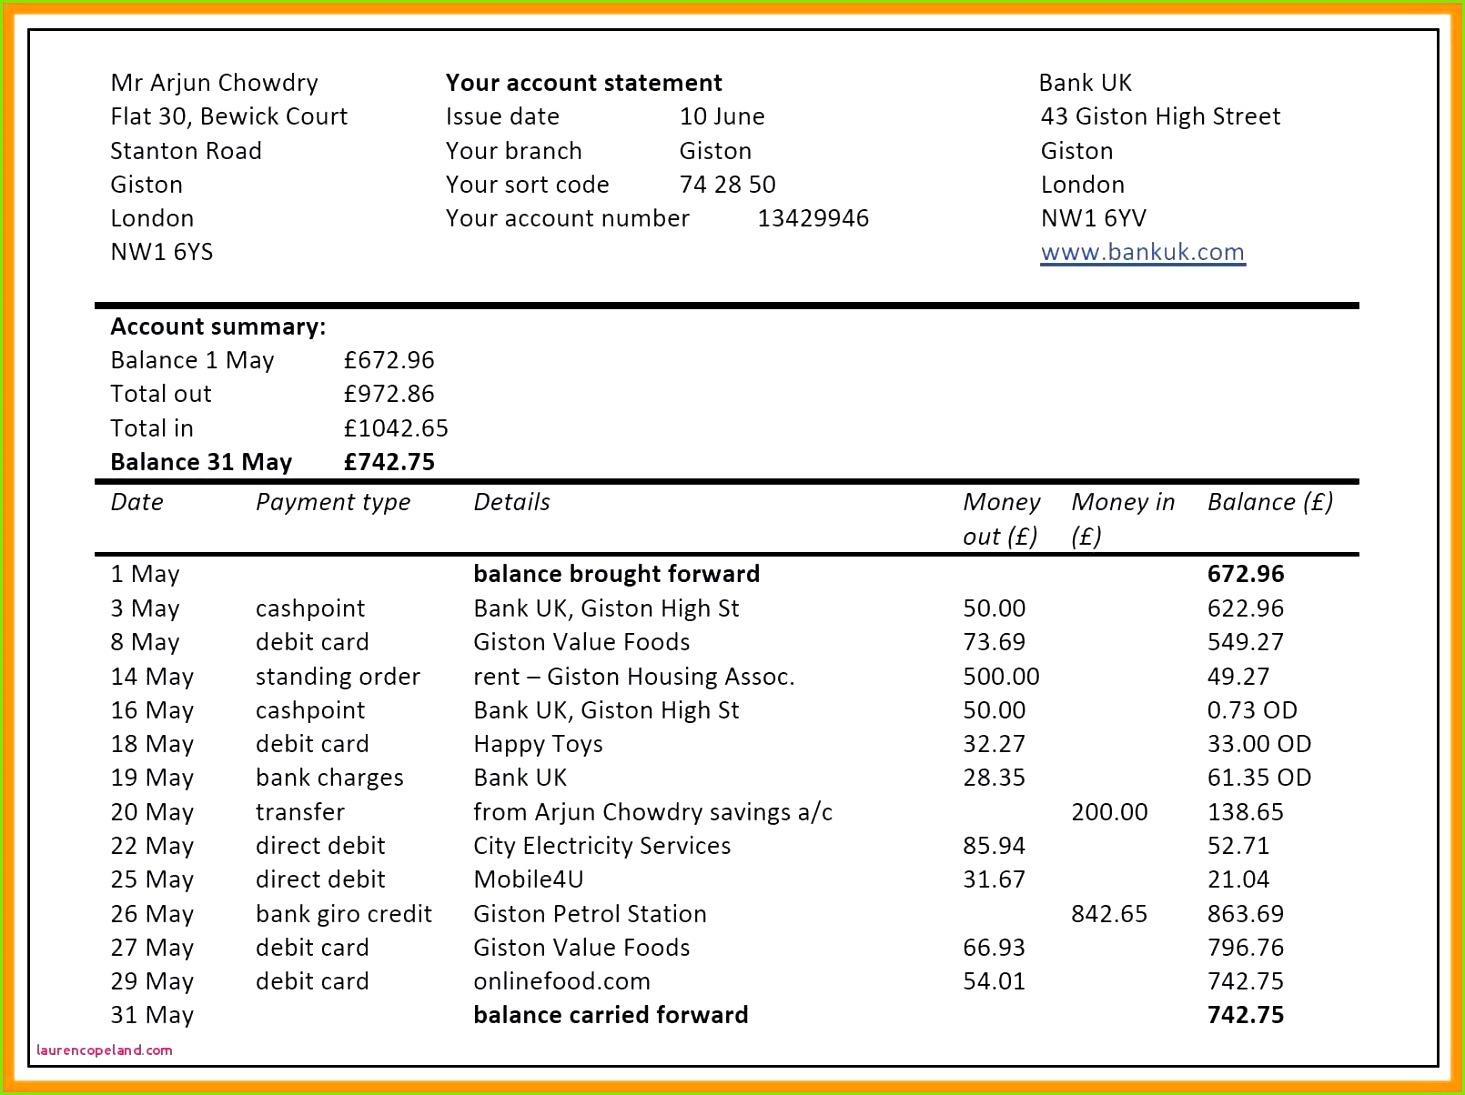 Urlaubsverwaltung Excel Dann Excel Arbeitszeit Berechnen Mit Pause Vorlage Buchhaltung Mai 2018